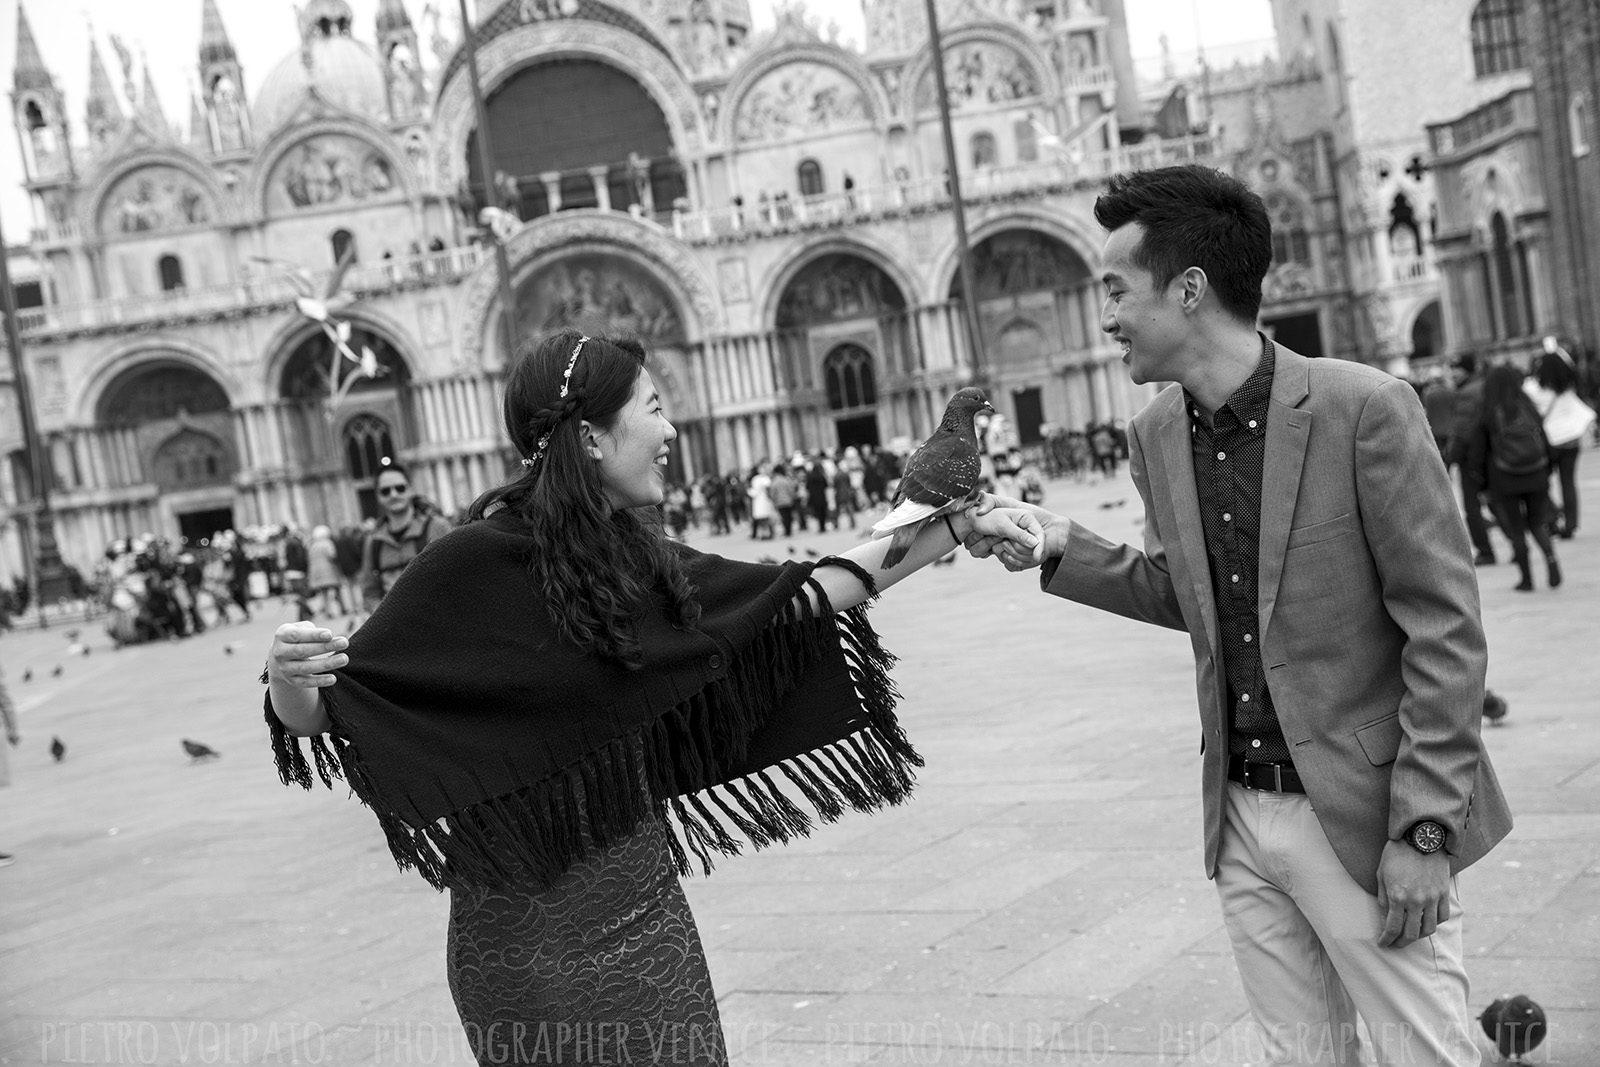 photographer-venice-romantic-couple-photo-session-tour-20170315_06